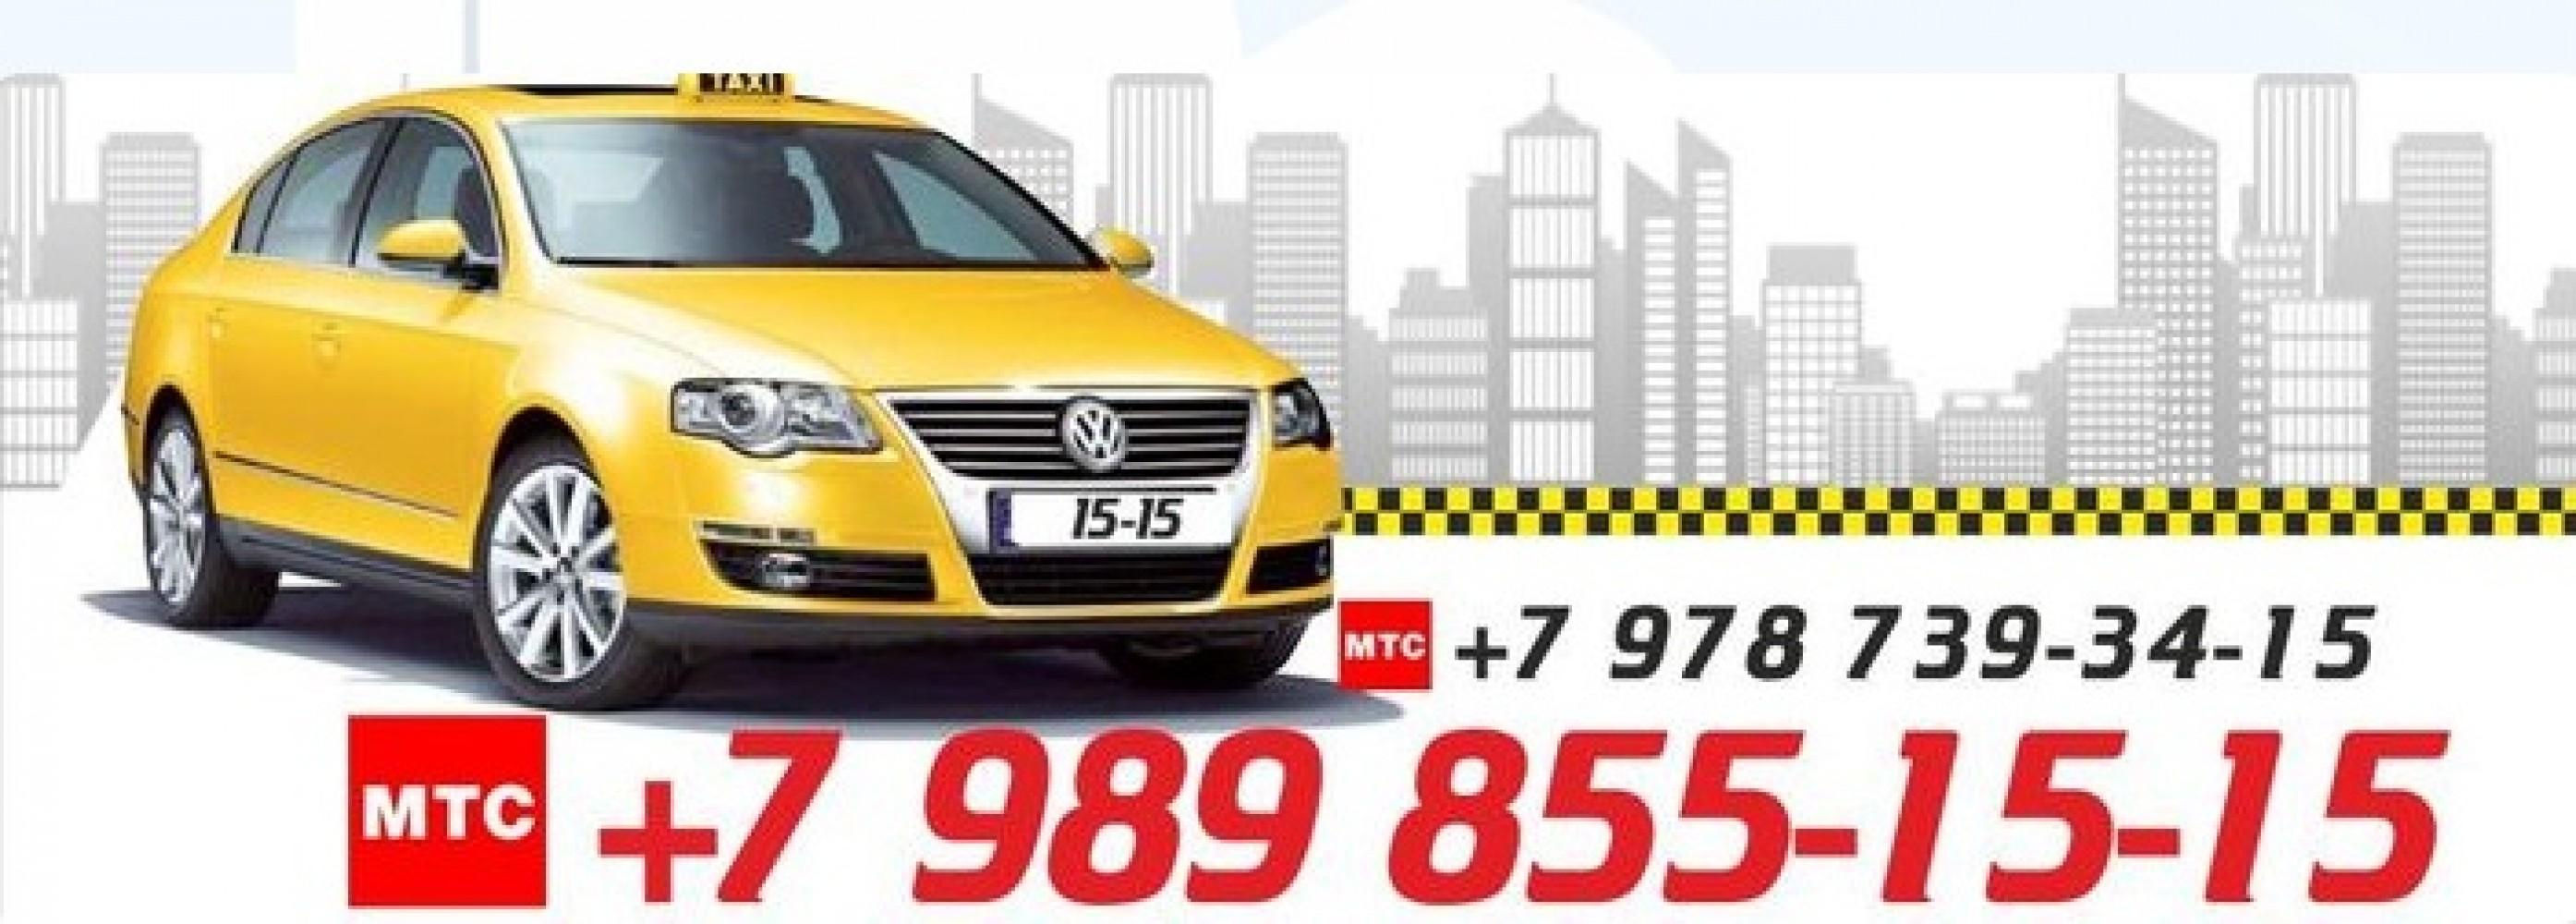 Дубликаты гос номеров на такси за 5 минут - 900 руб 57